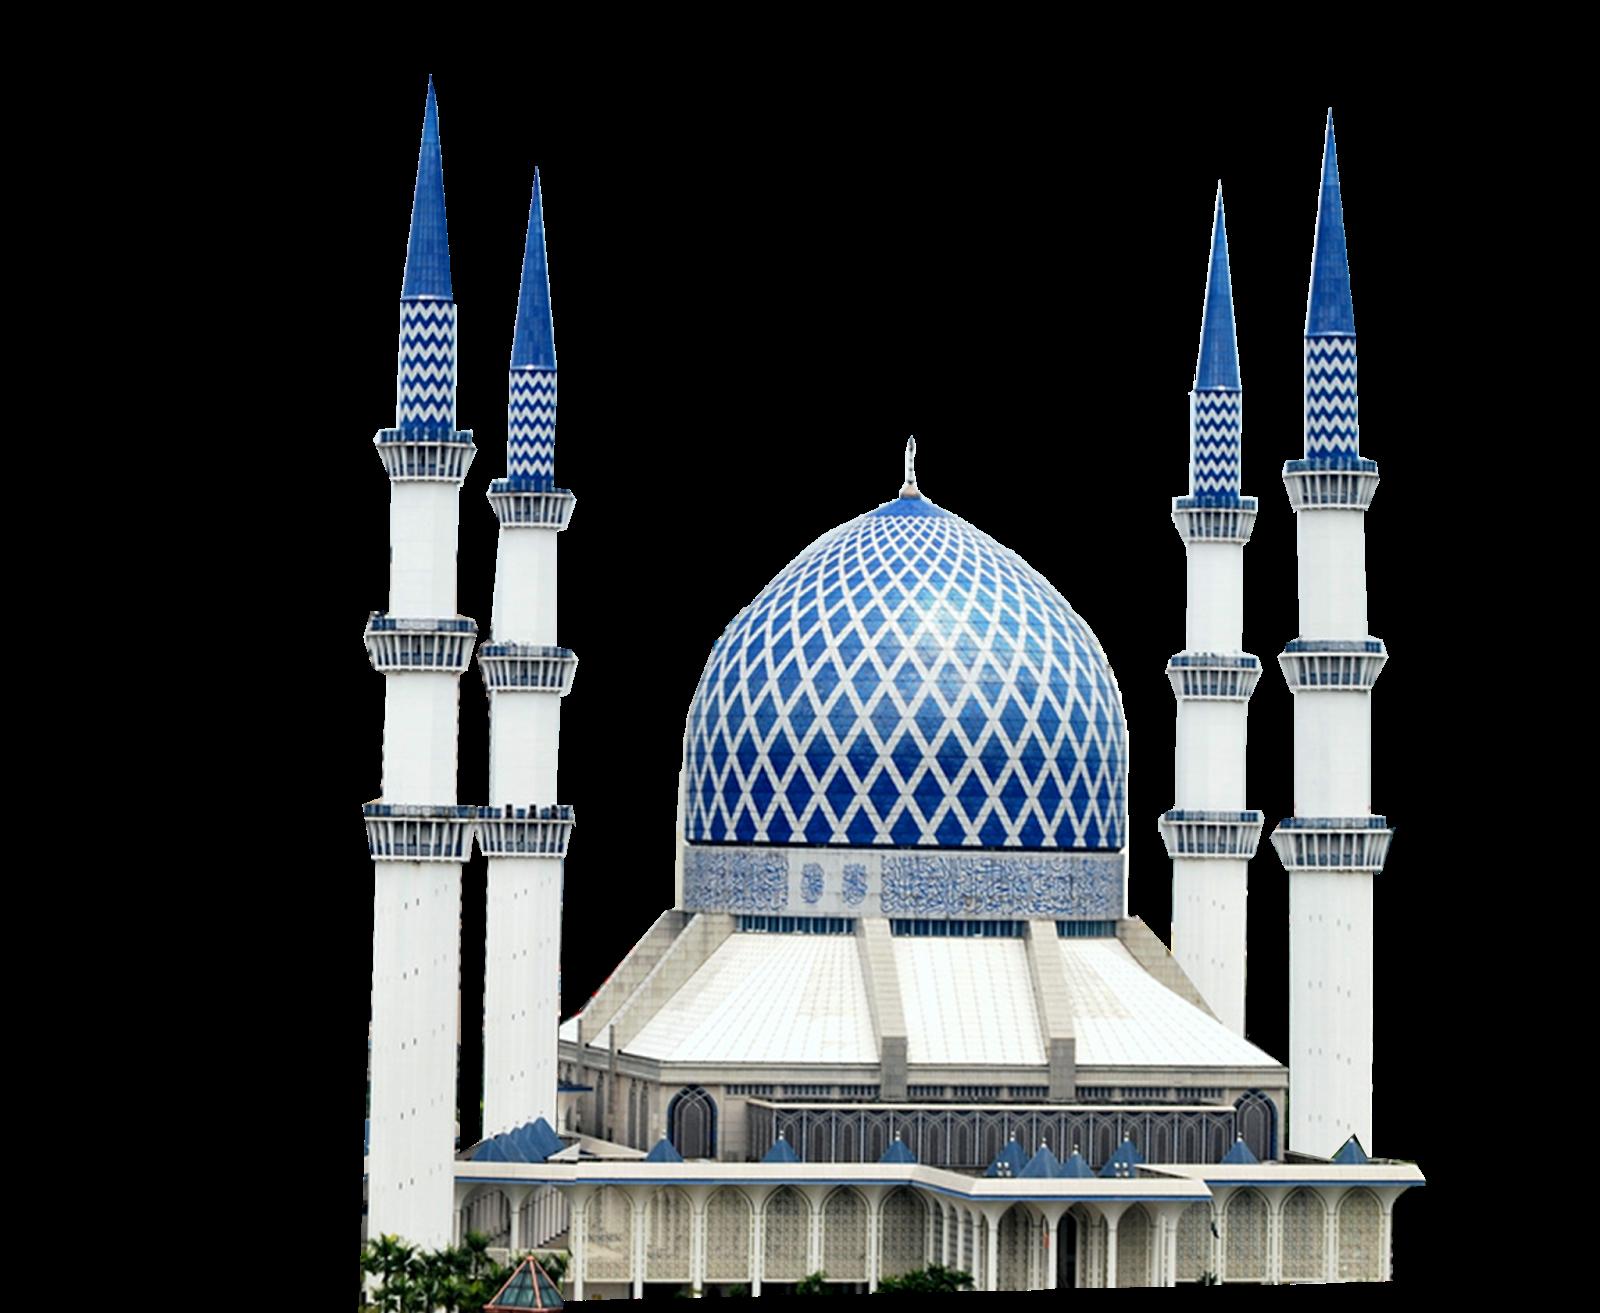 masjid png gambar masjid logo masjid transparent clipart free transparent png logos masjid png gambar masjid logo masjid